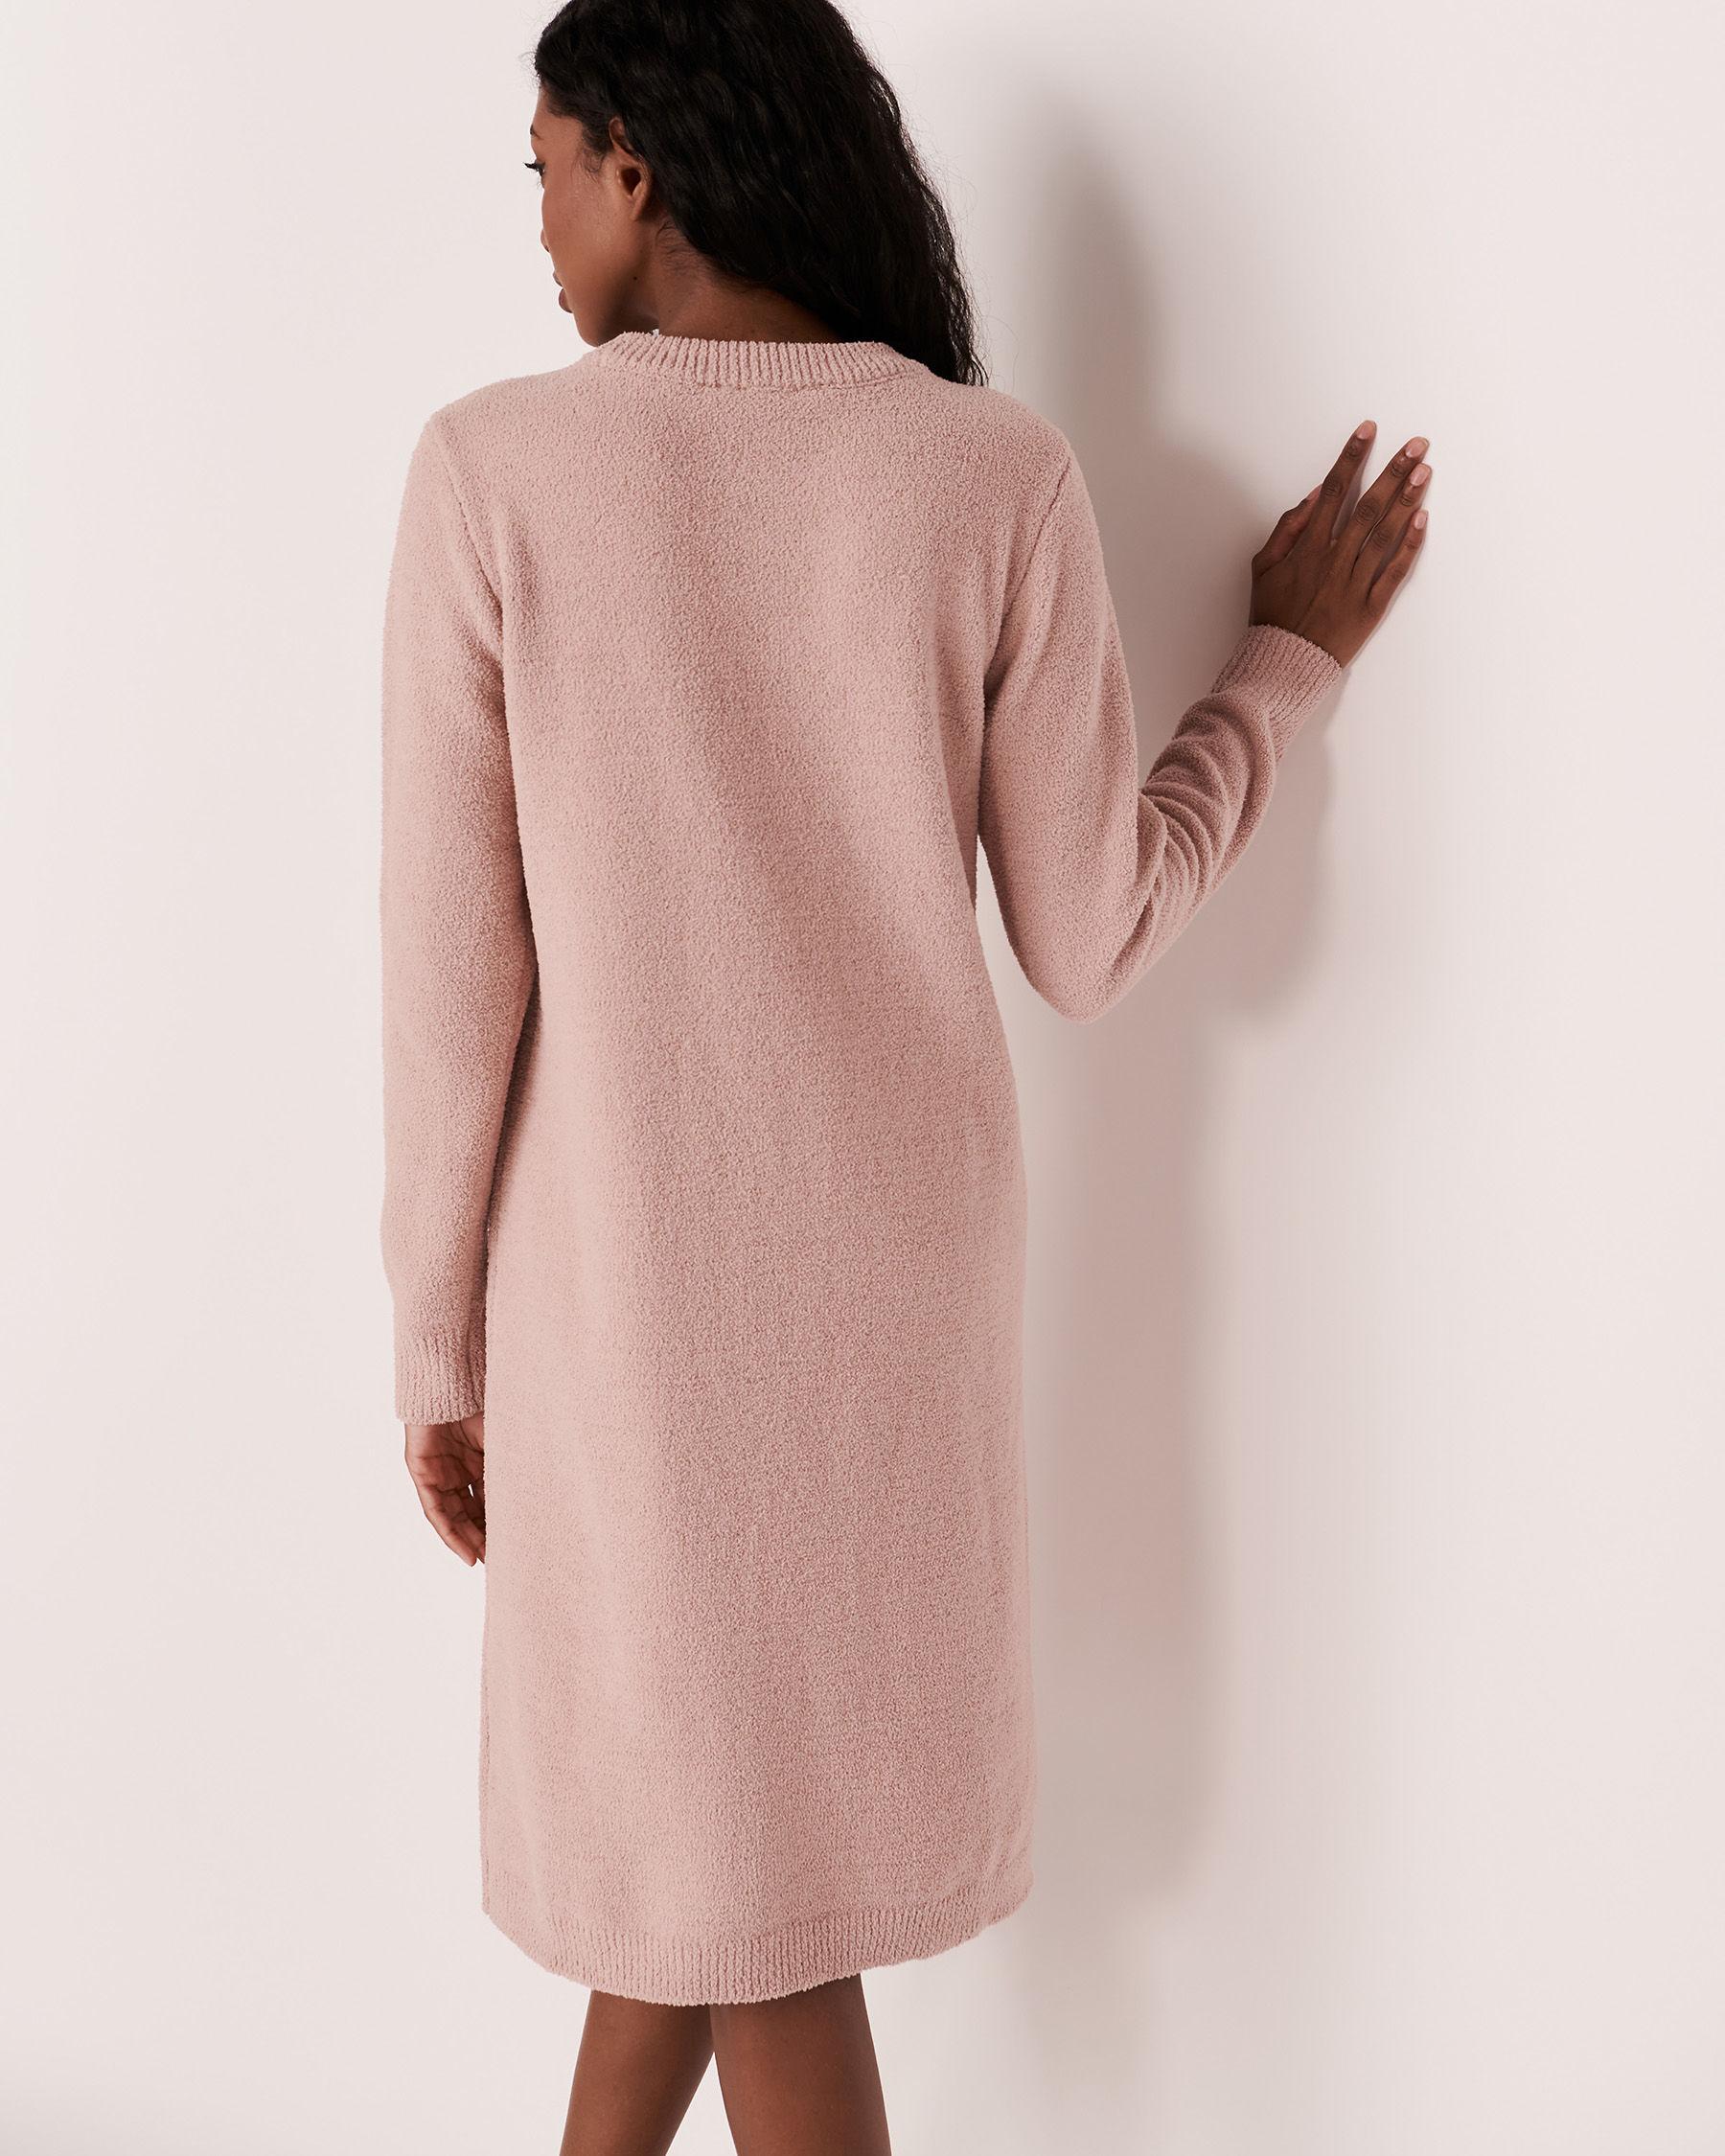 LA VIE EN ROSE Chenille Long Sleeve Dress Shadow grey 50400011 - View6